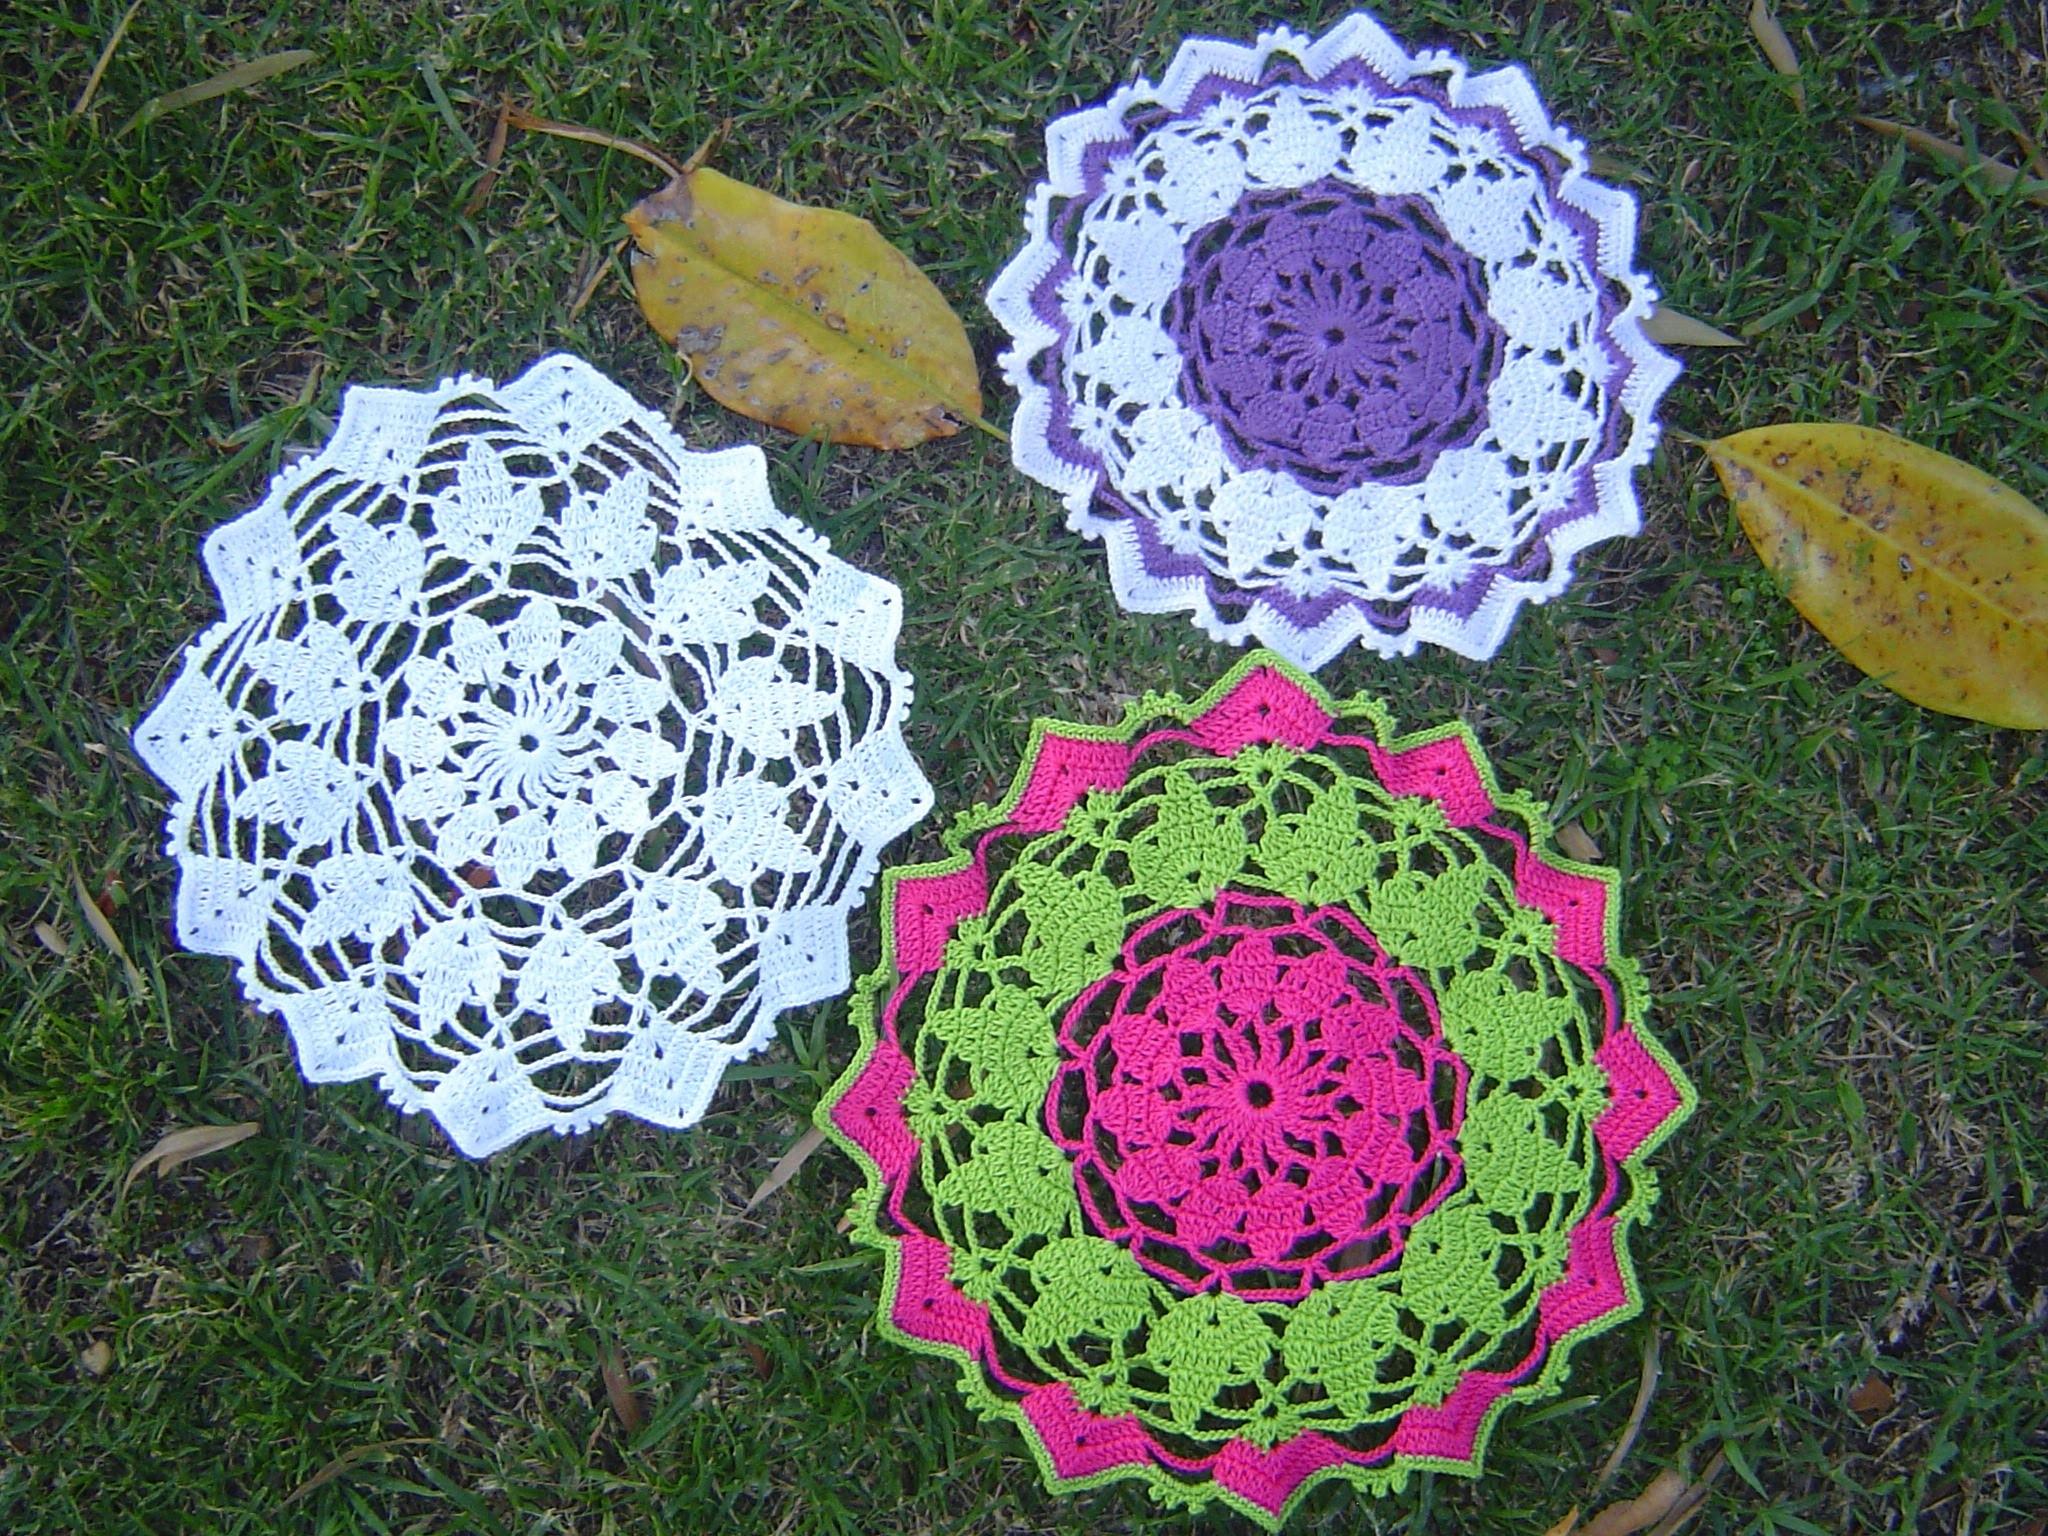 Carpeta fácil de tejer en crochet  paso a paso tutorial DIY parte 2